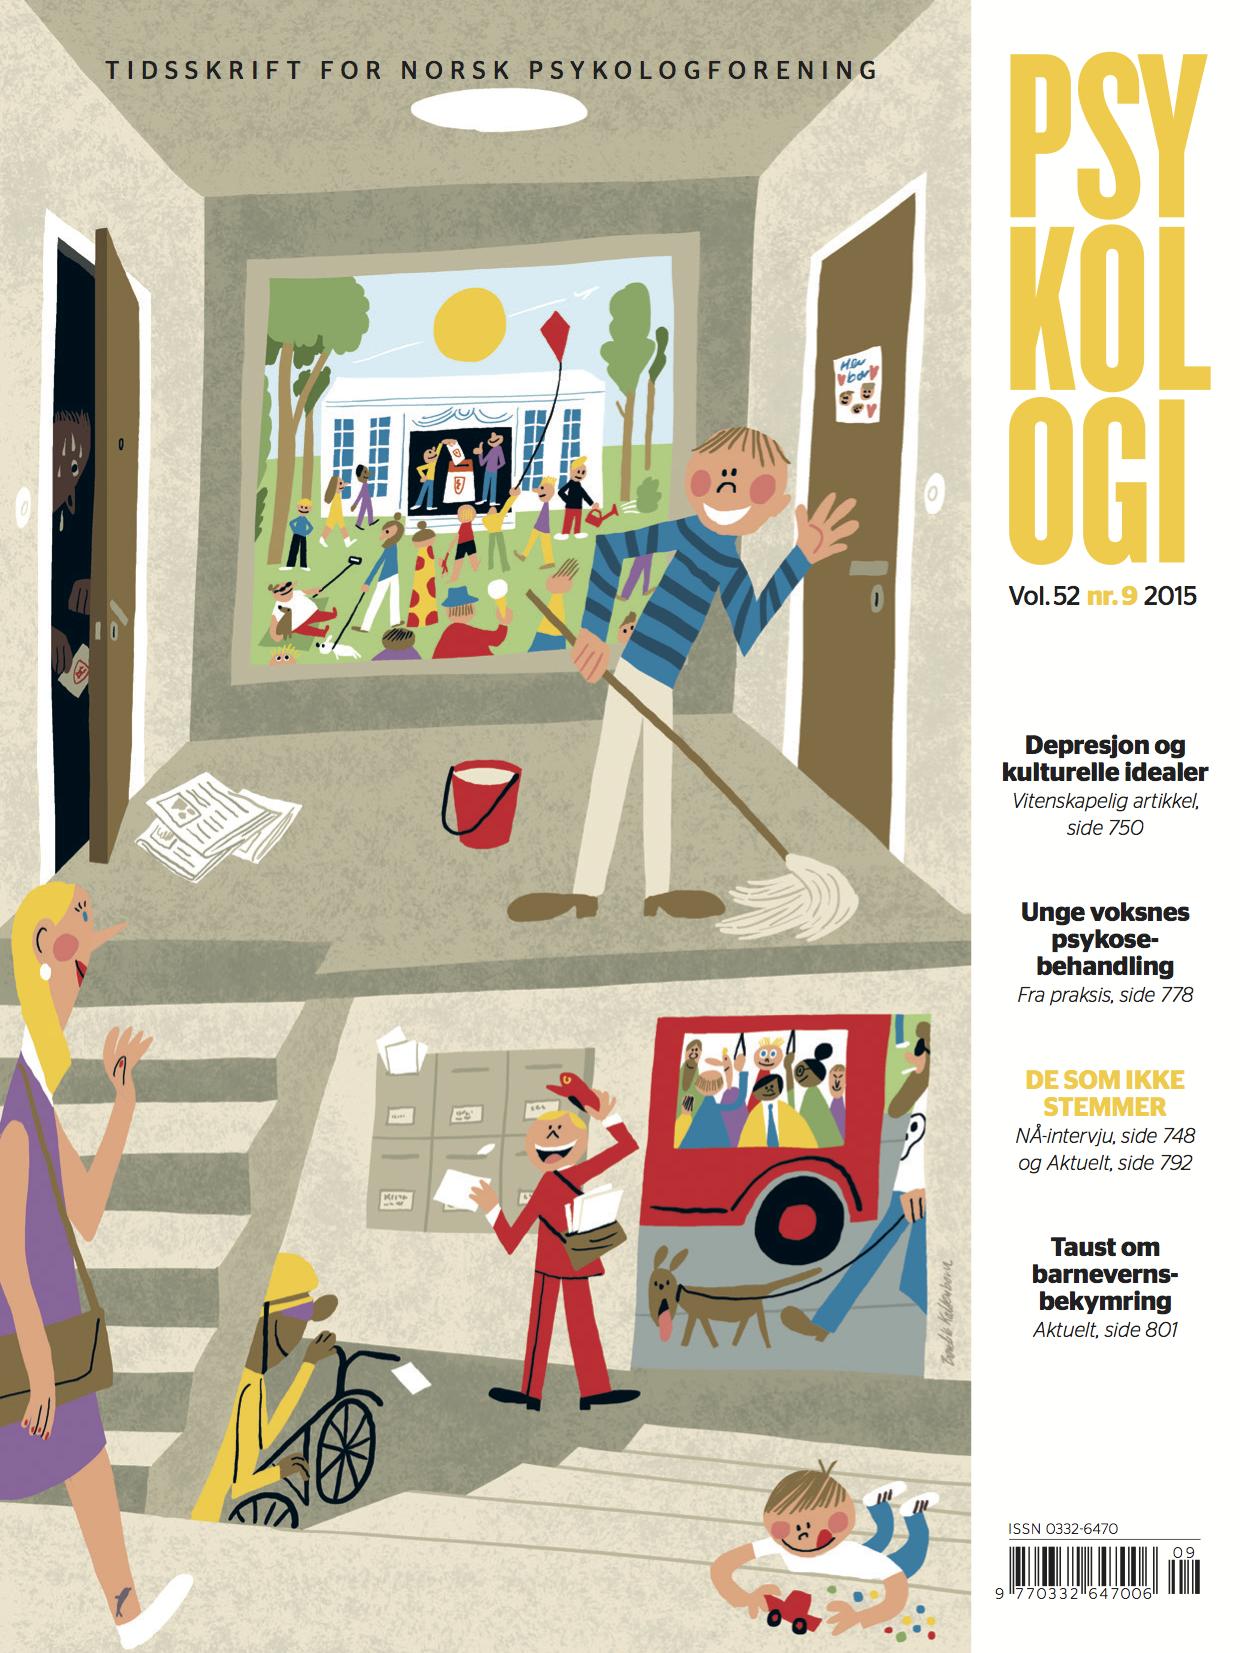 Tidsskrift for Norsk Psykologforening - Asperger syndrom og eksekutive funksjonsvansker: konsekvenser for behandling